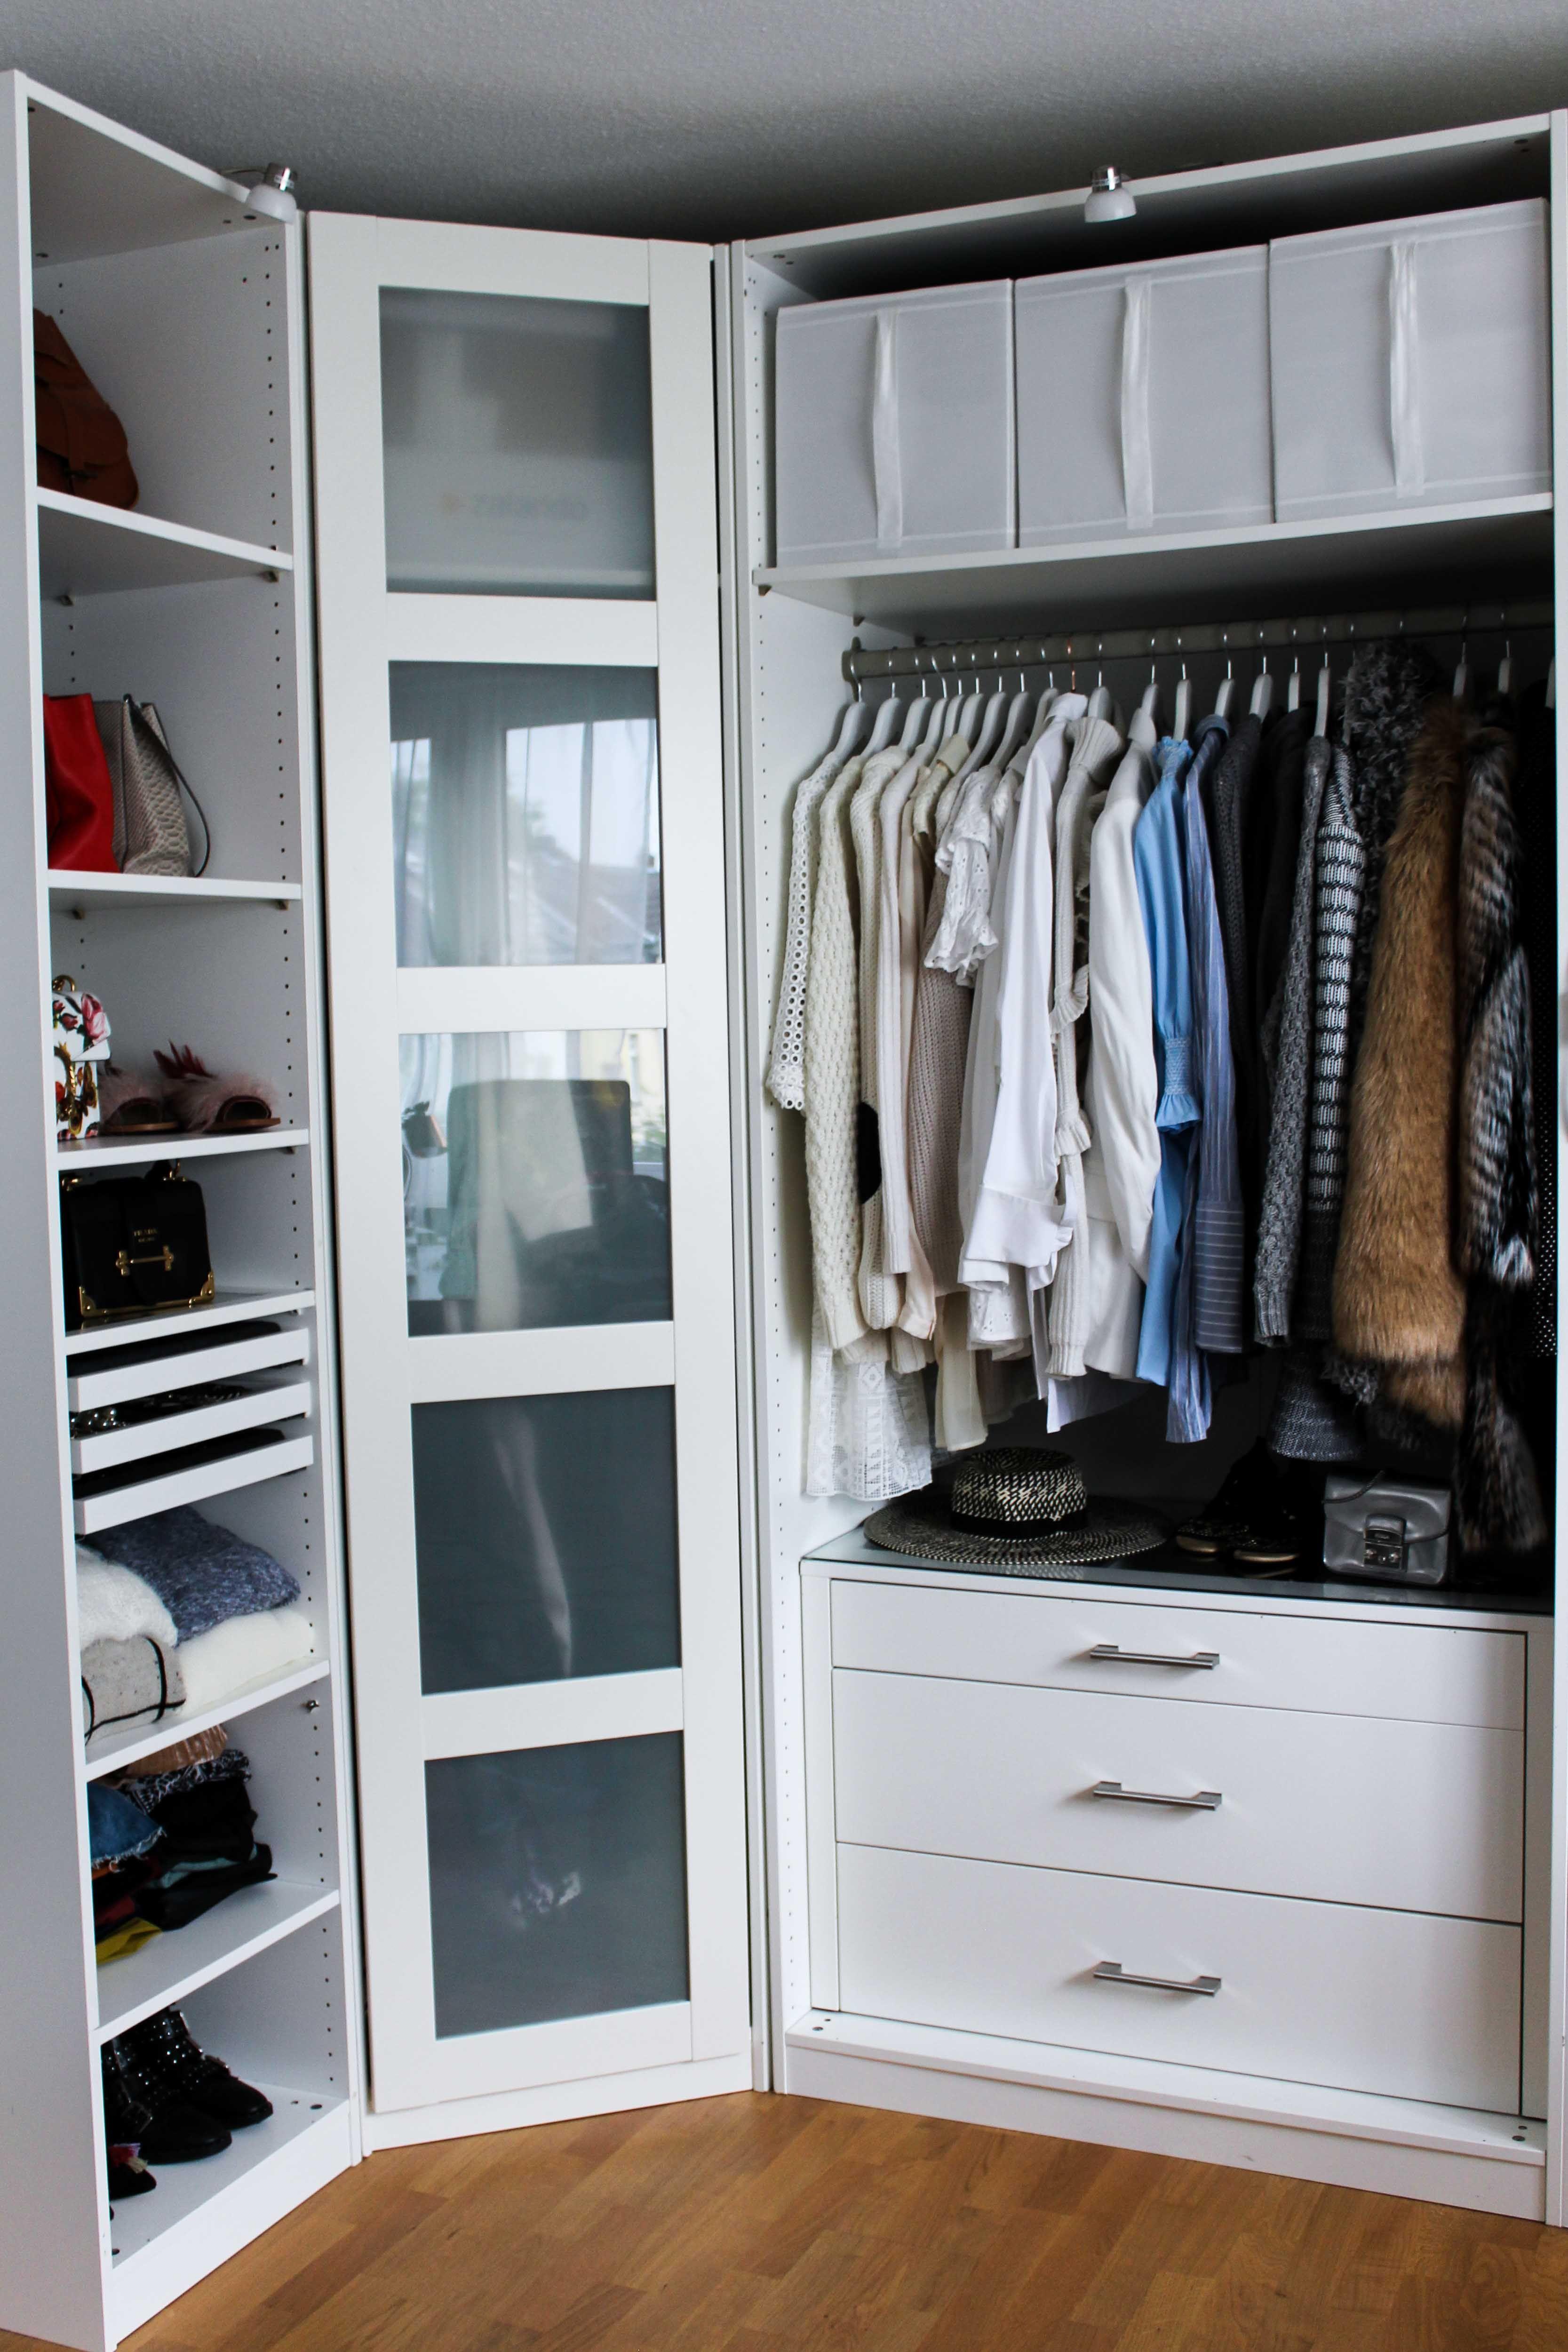 Mein Ankleidezimmer Tipps Fur Den Pax Kleiderschrank Zeigdeinenpax Gewinnspiel Ankleidezimmer Ikea Schlafzimmer Schrank Ankleide Zimmer